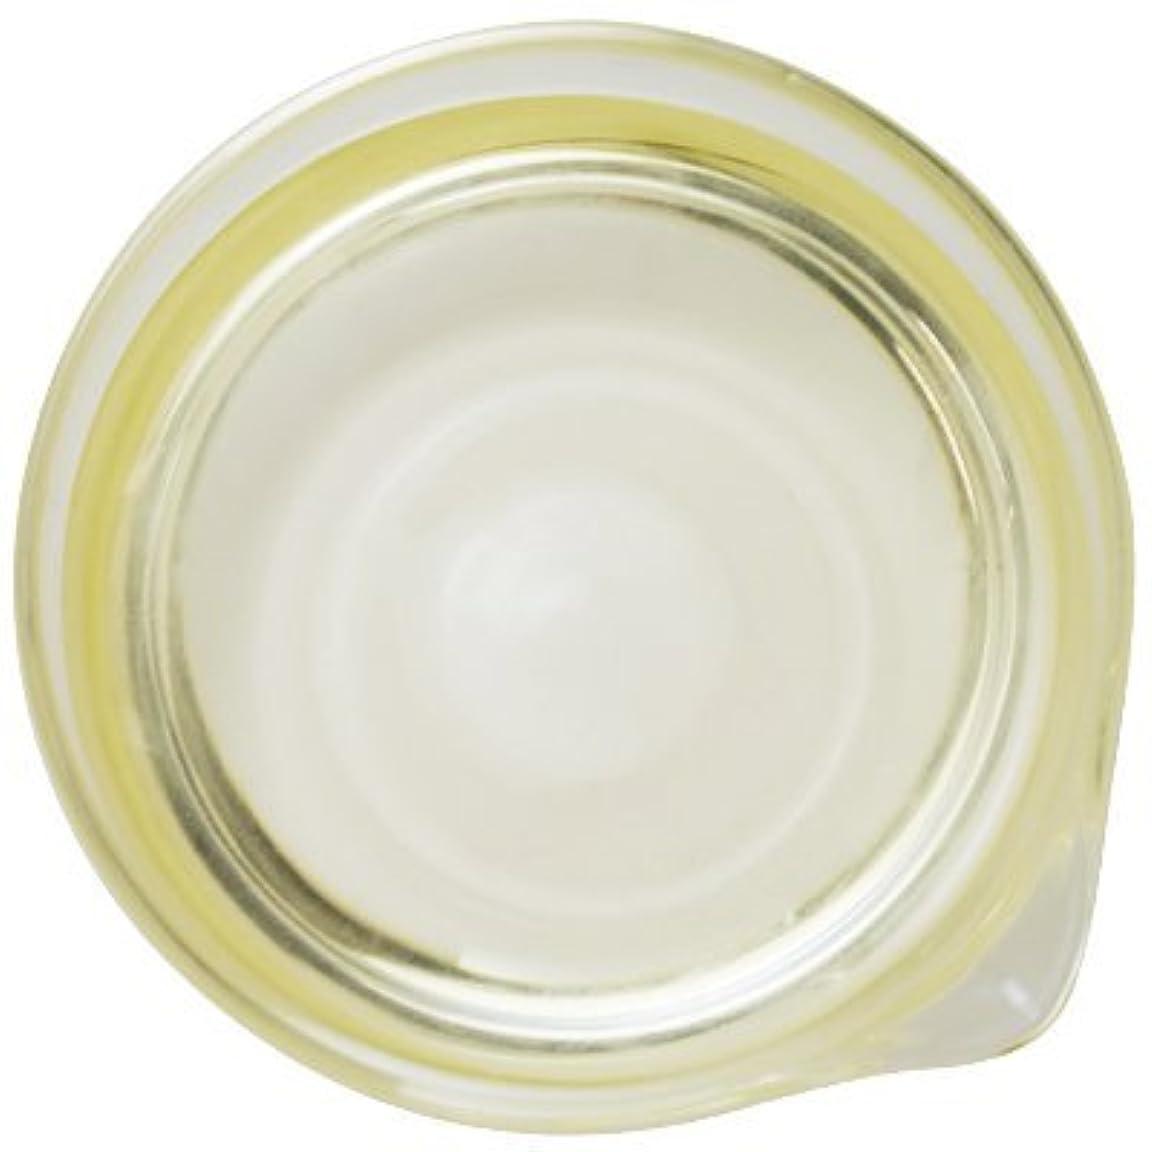 便宜ドック排泄物セサミオイル 500ml [白ごま油]【手作り石鹸/手作りコスメ/ごま油】【birth】